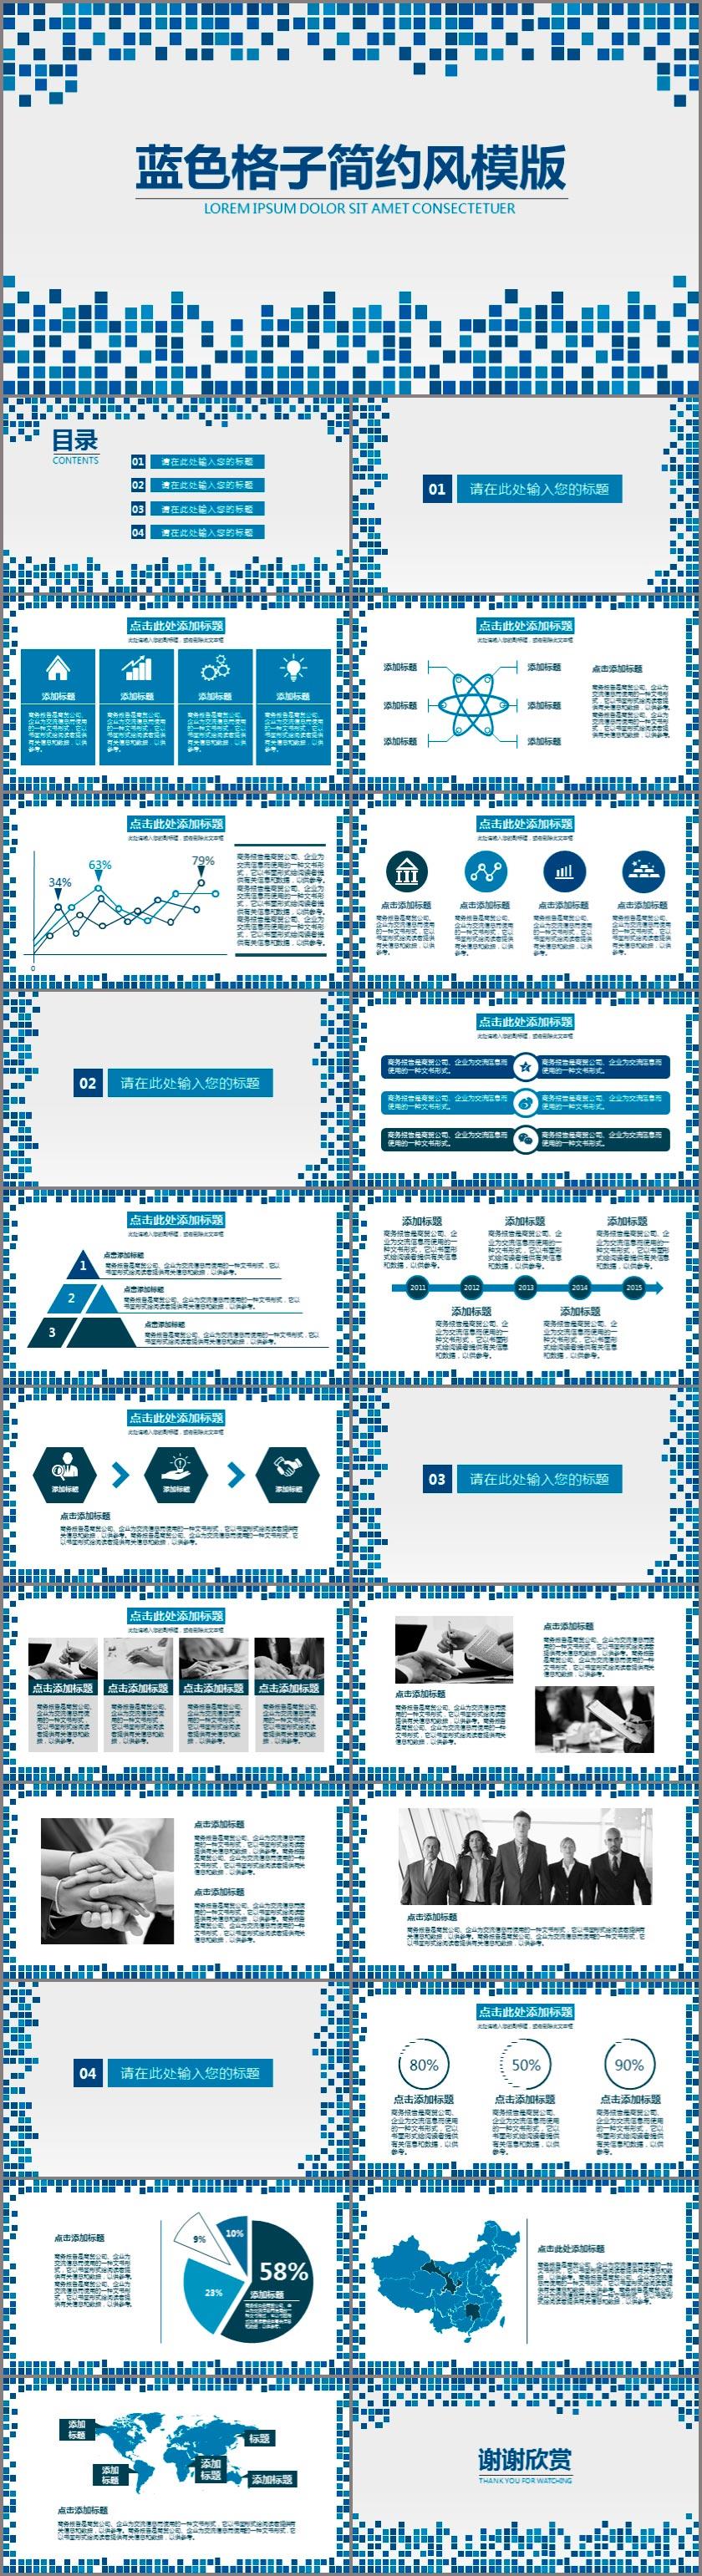 蓝色格子主题风格商务PPT模板